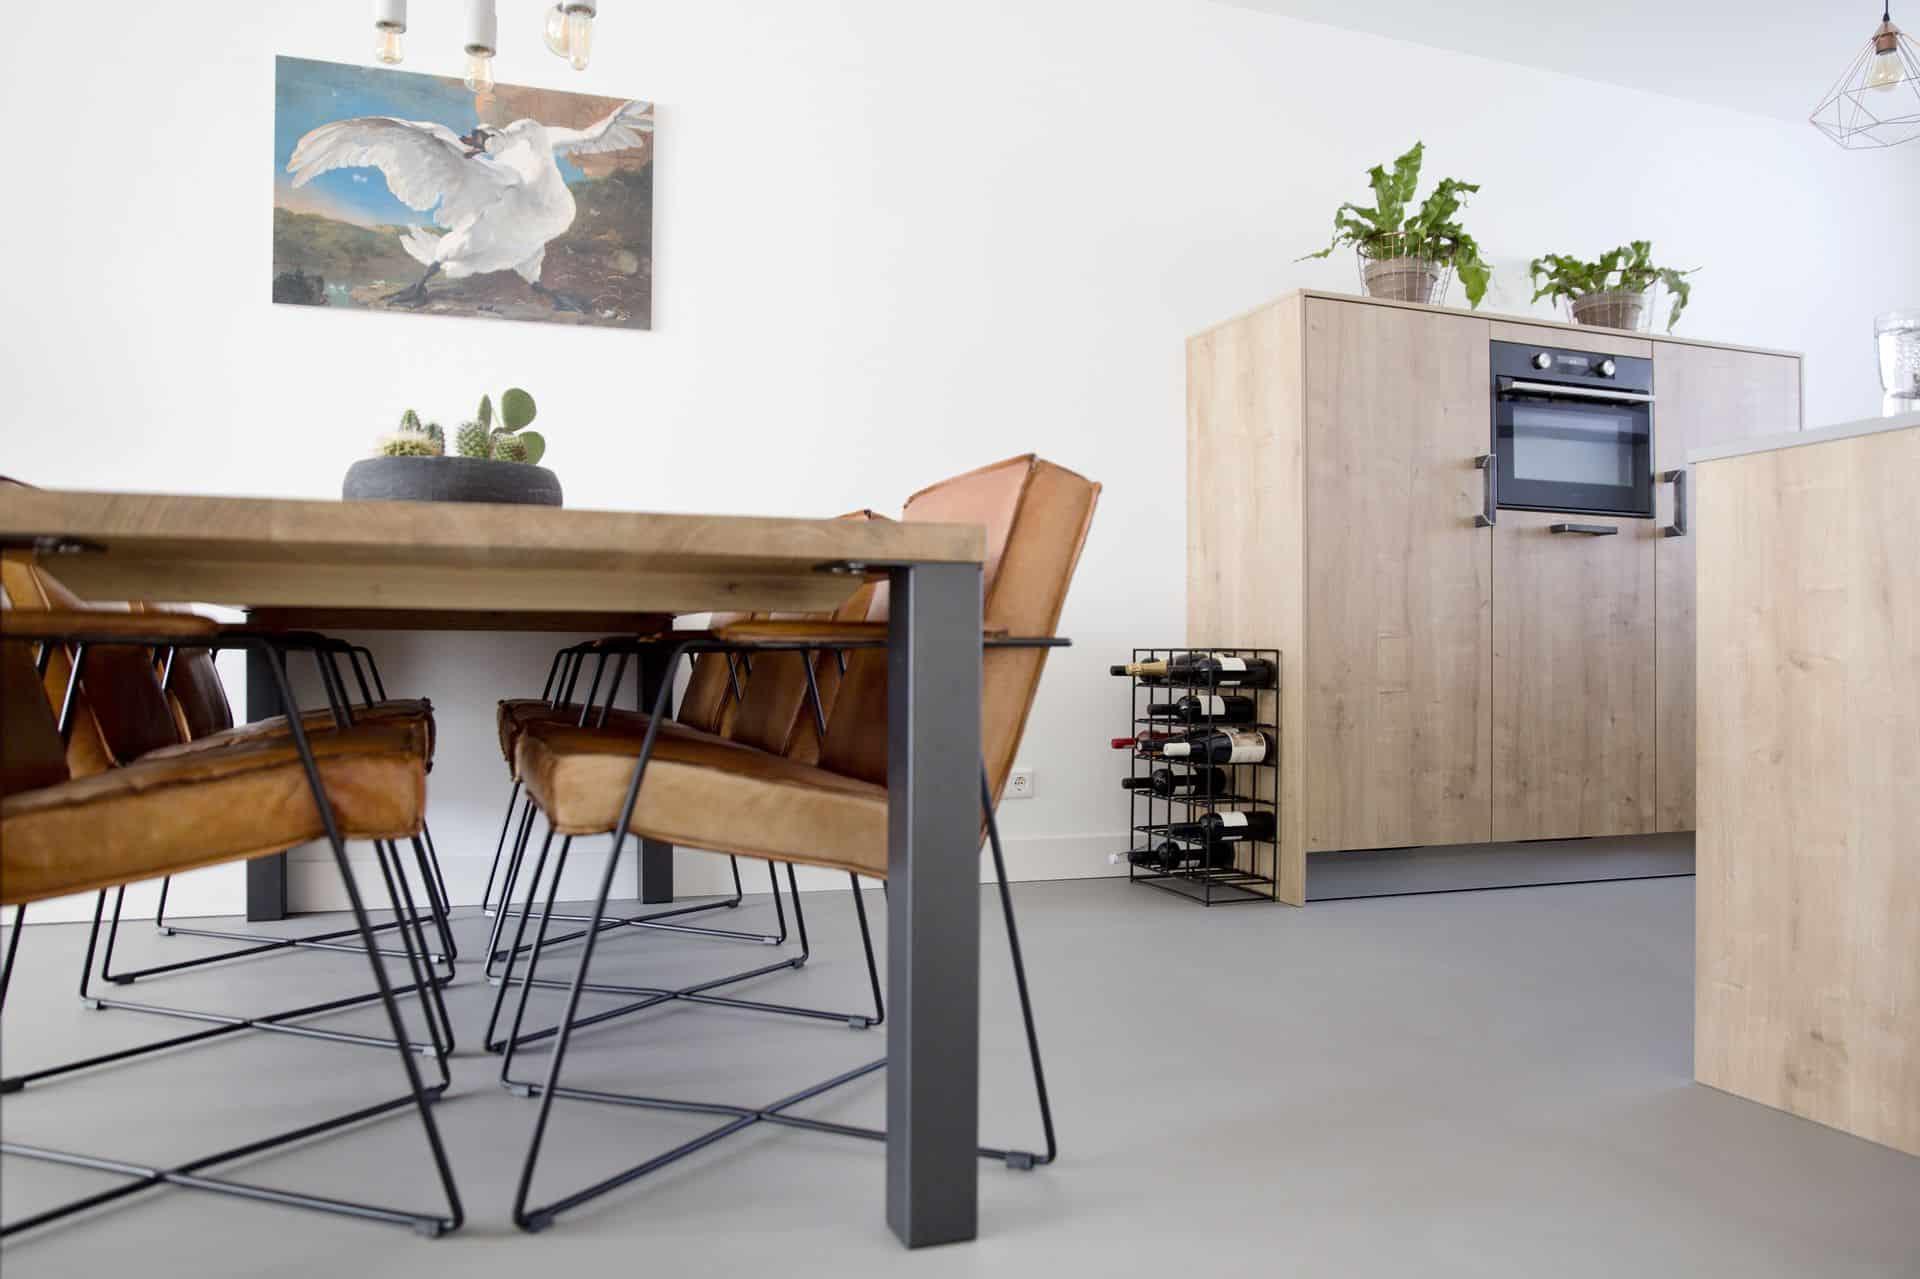 beton ciré vloer keuken